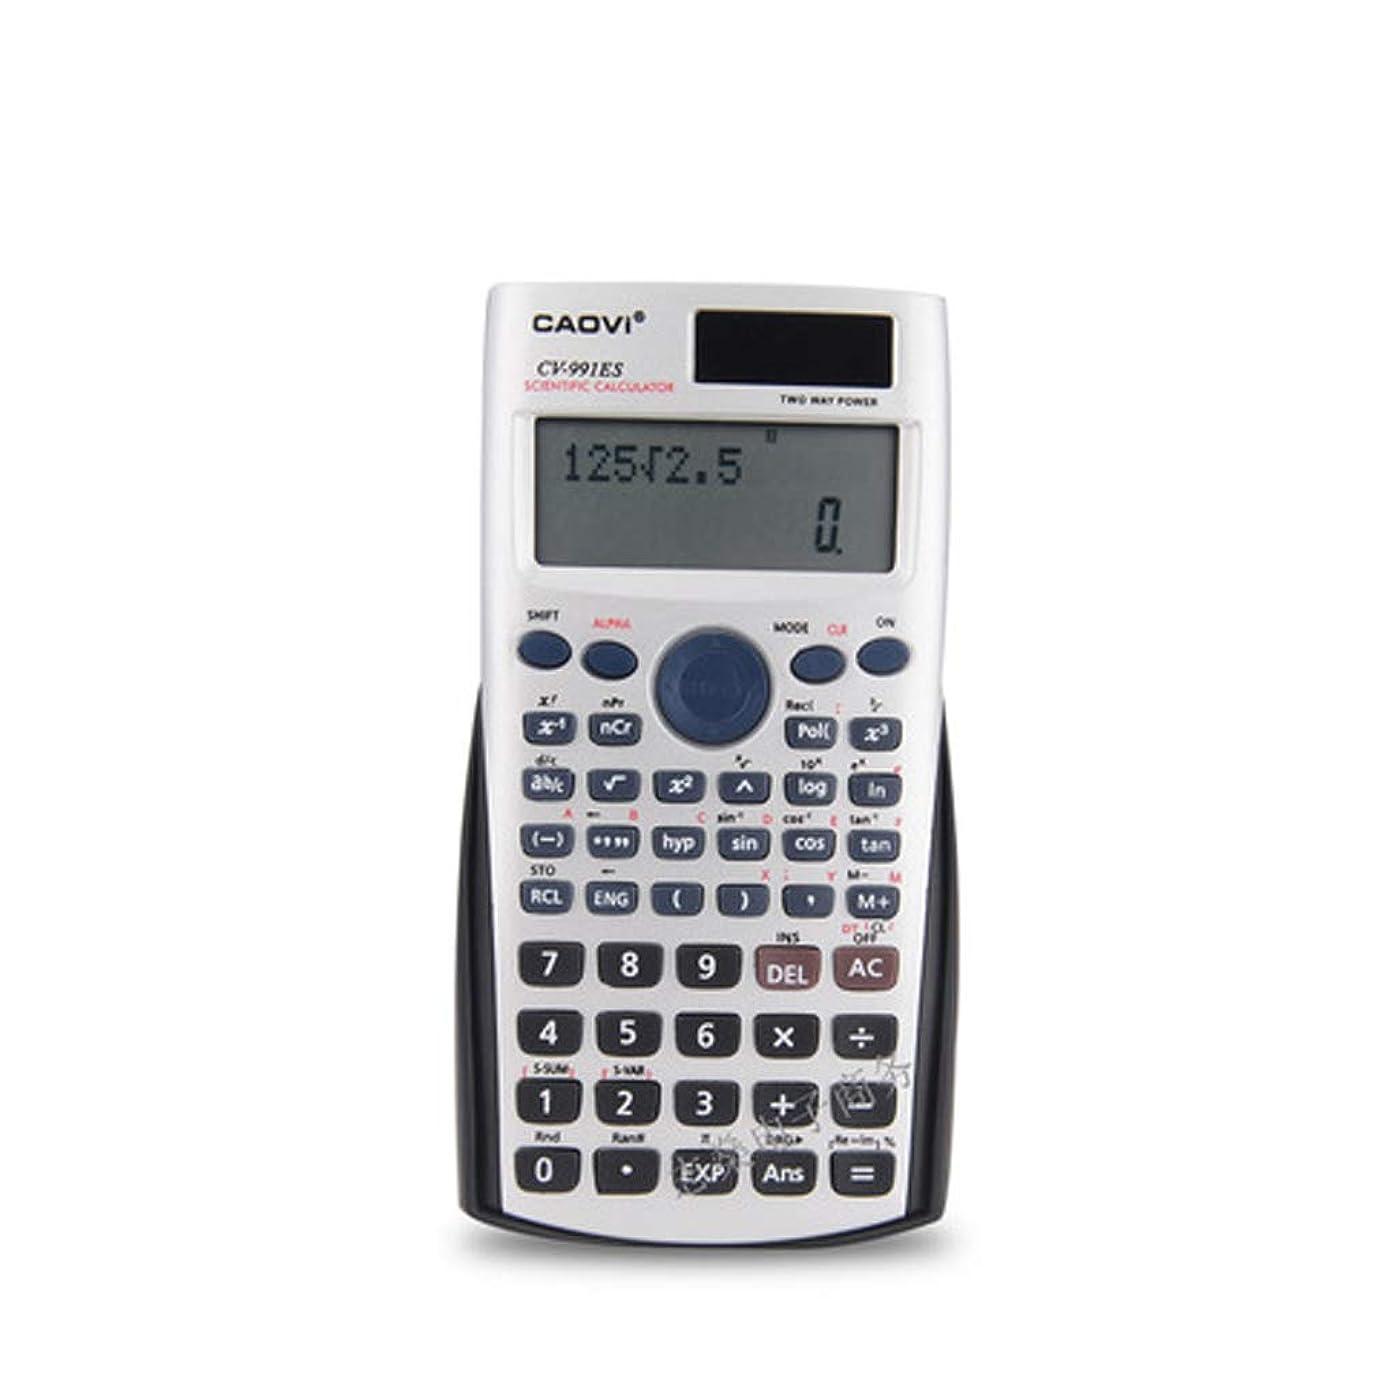 不倫掻くマスタード学生試験コンピュータ科学機能電卓ポータブル電卓サイズ:16cmx8.5cm W-45